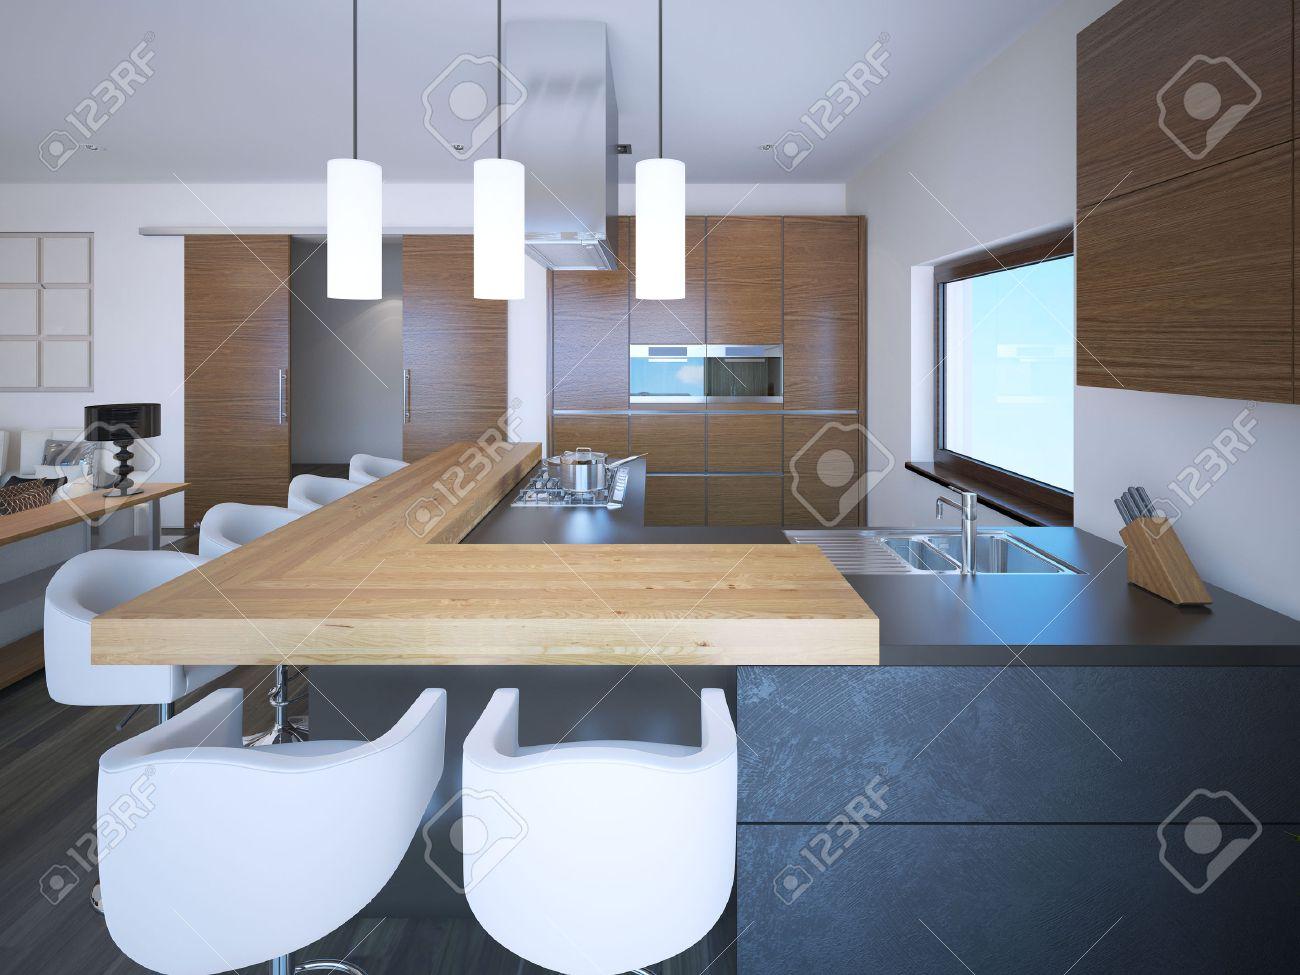 Helle Küche Studio Art Deco-Stil. Weiße Wände Und Braune Schränke In ...